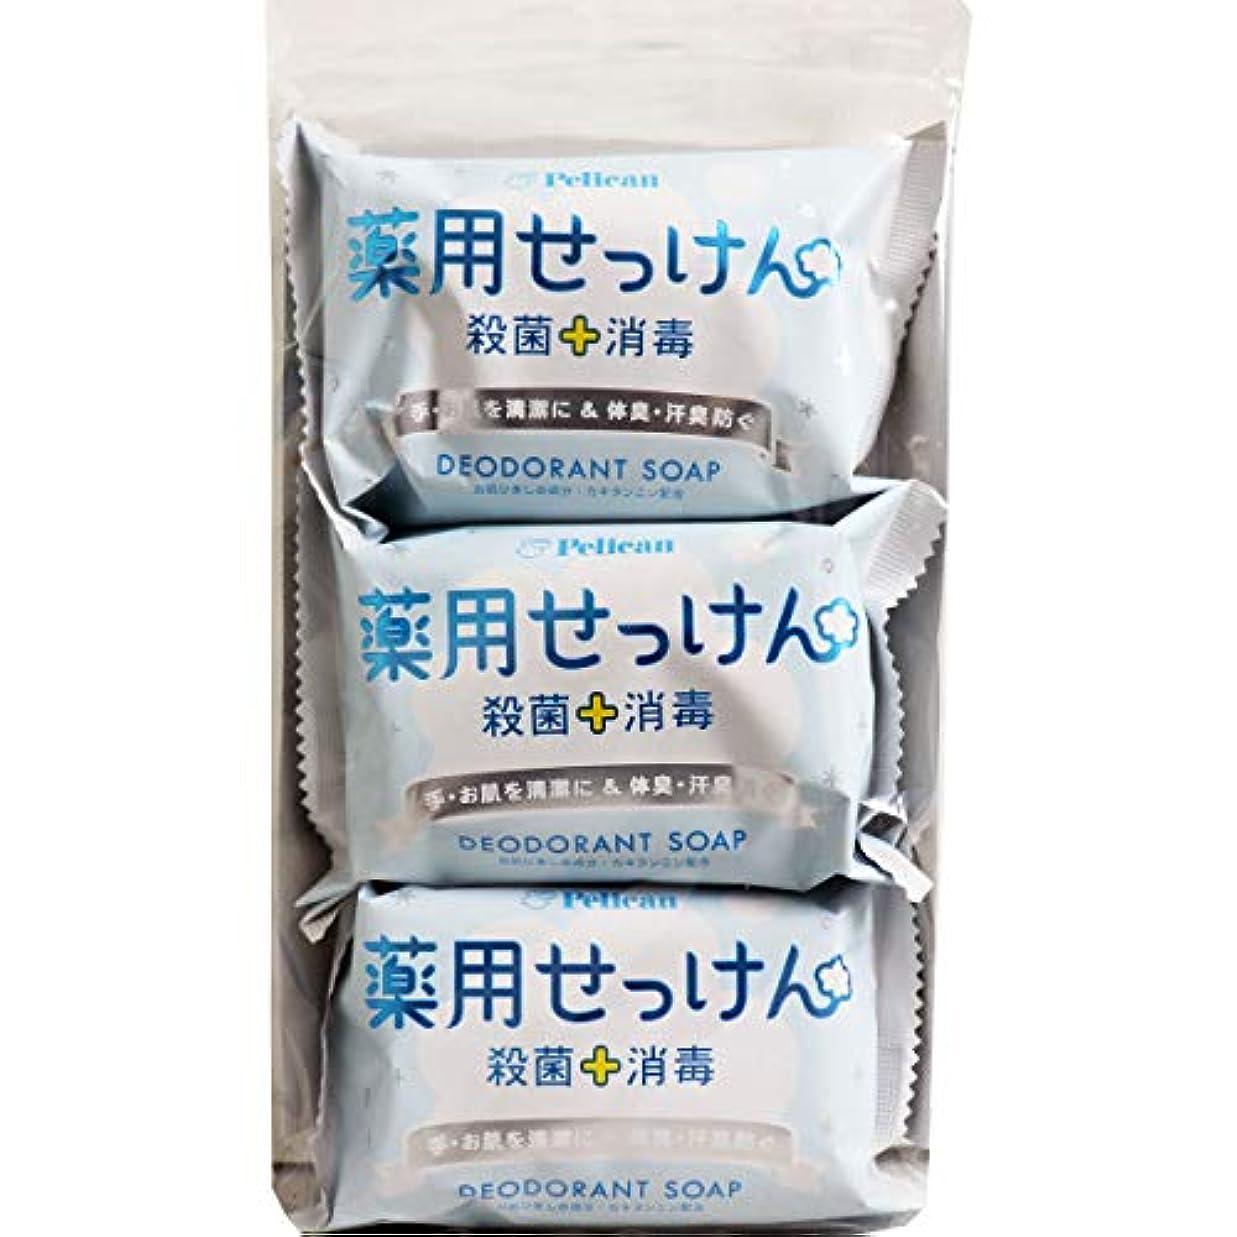 戦い放つ薬ペリカン石鹸 薬用石けん 85g×3個×4パック